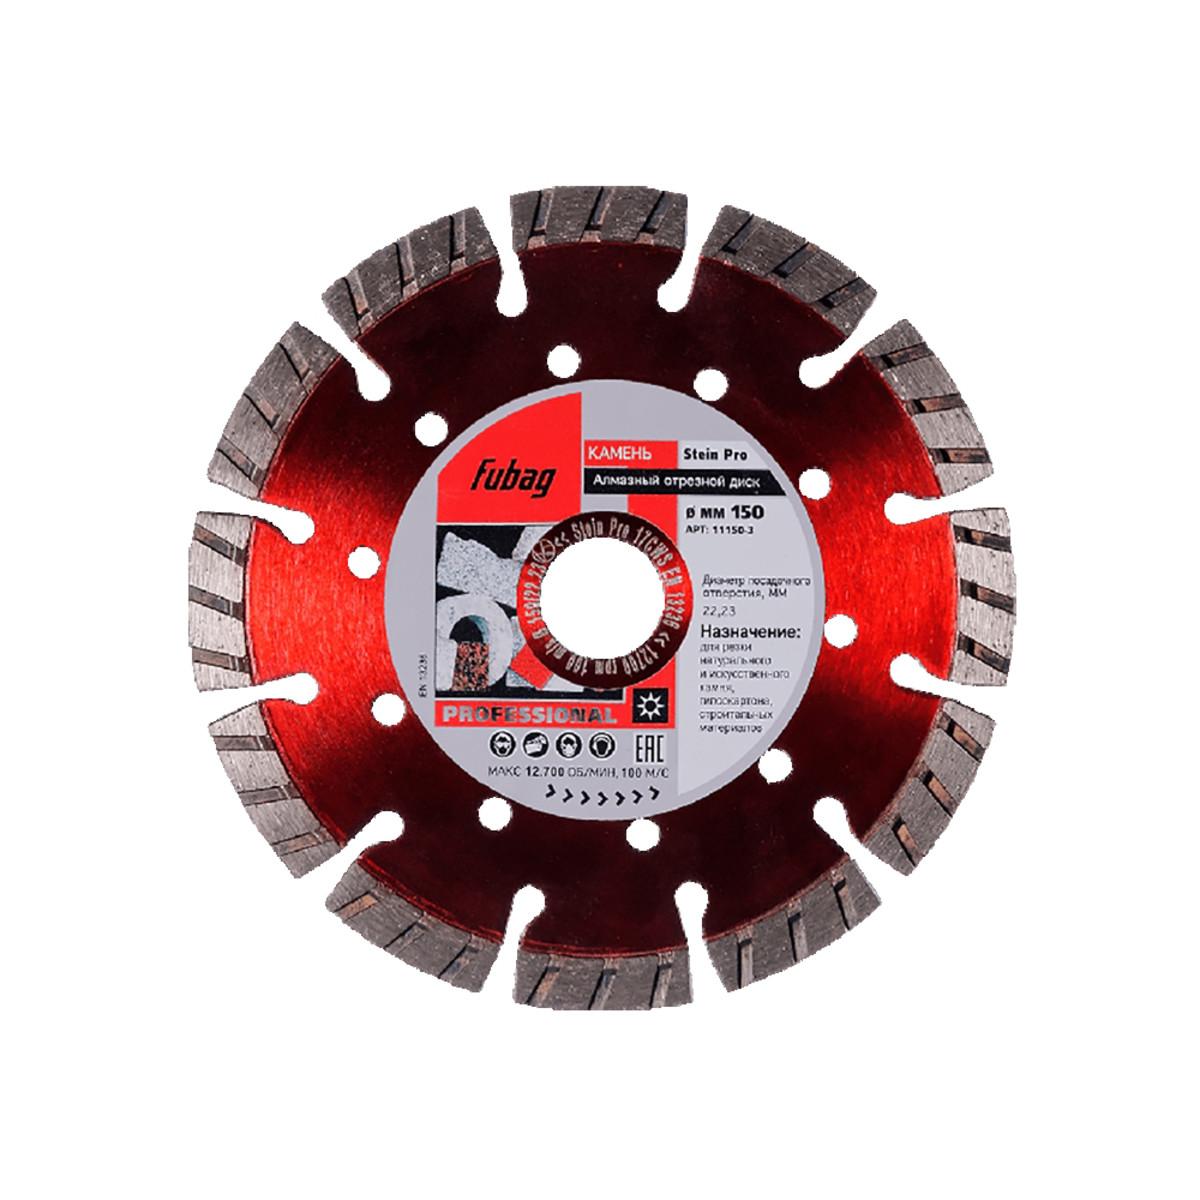 Алмазный диск Fubag Stein Pro 150/22.2 11150-3